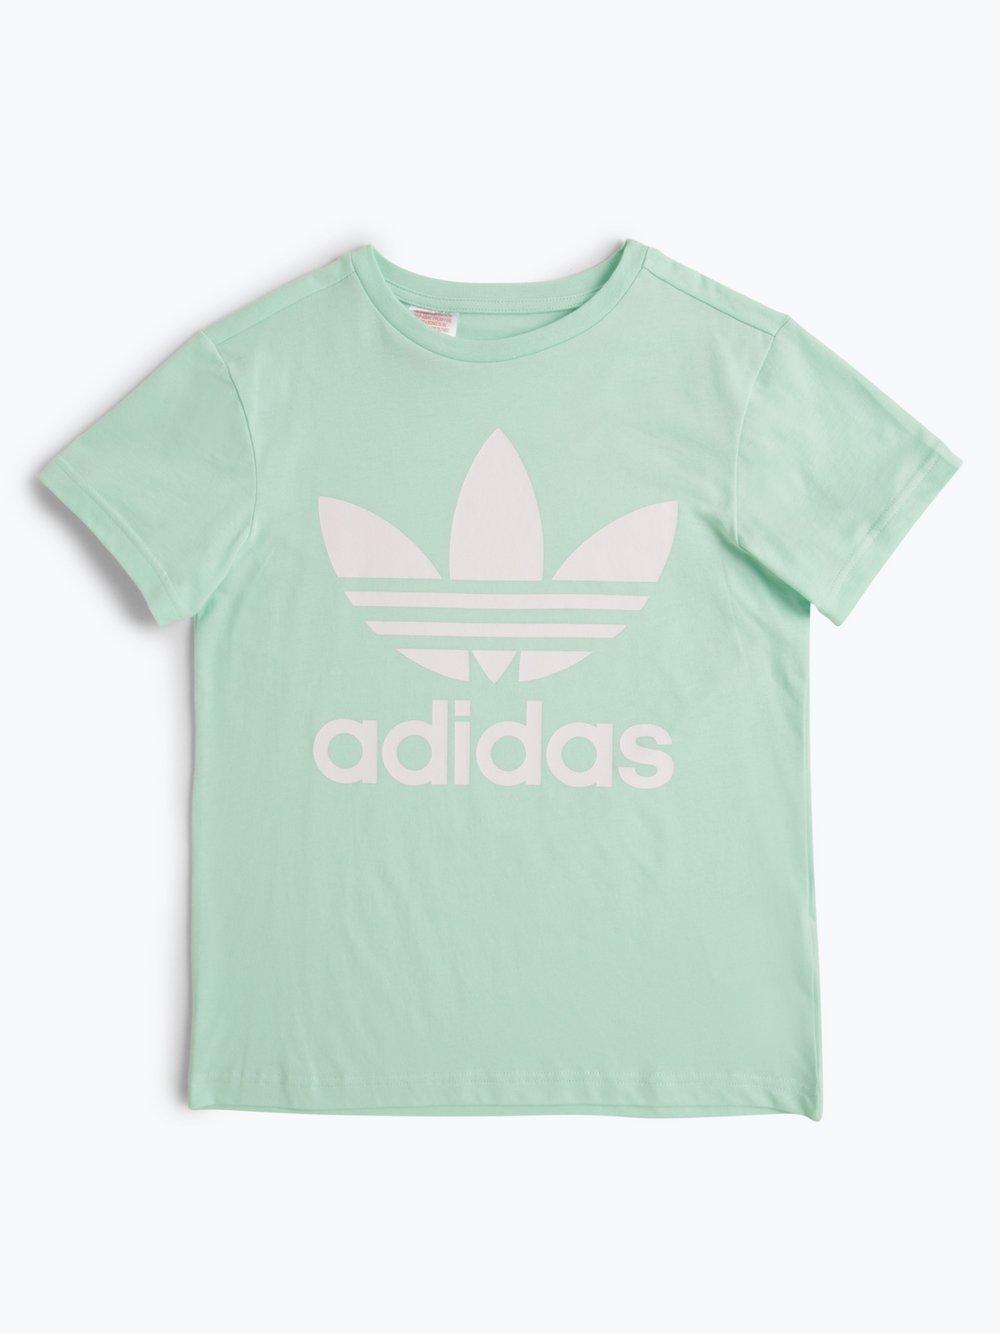 adidas Originals Mädchen T Shirt online kaufen | PEEK UND